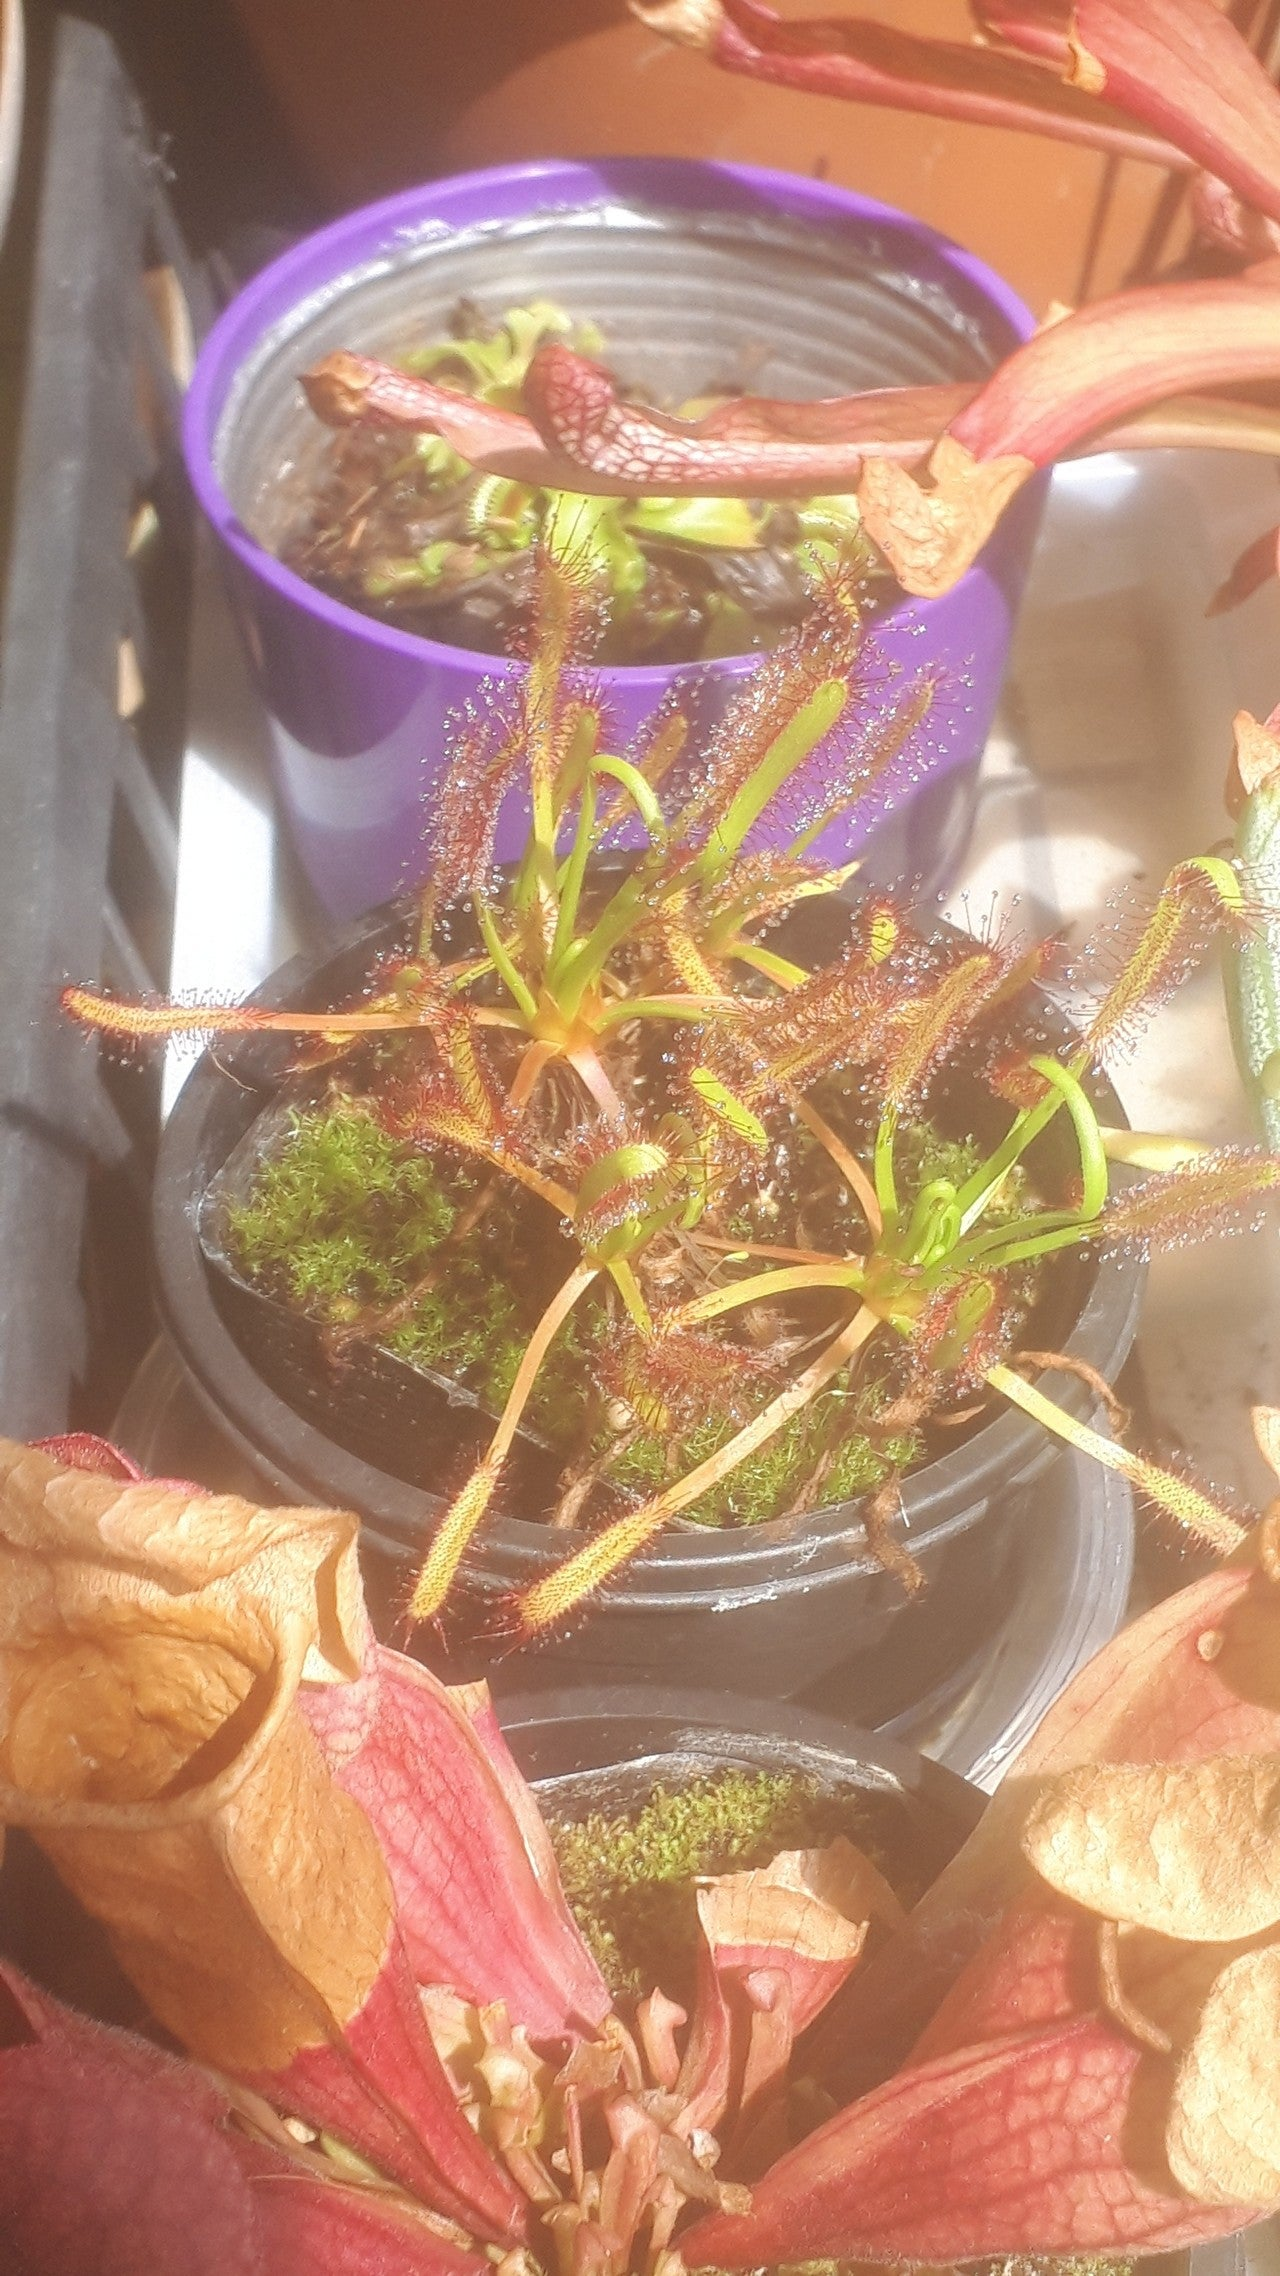 虫 コバエ 食 植物